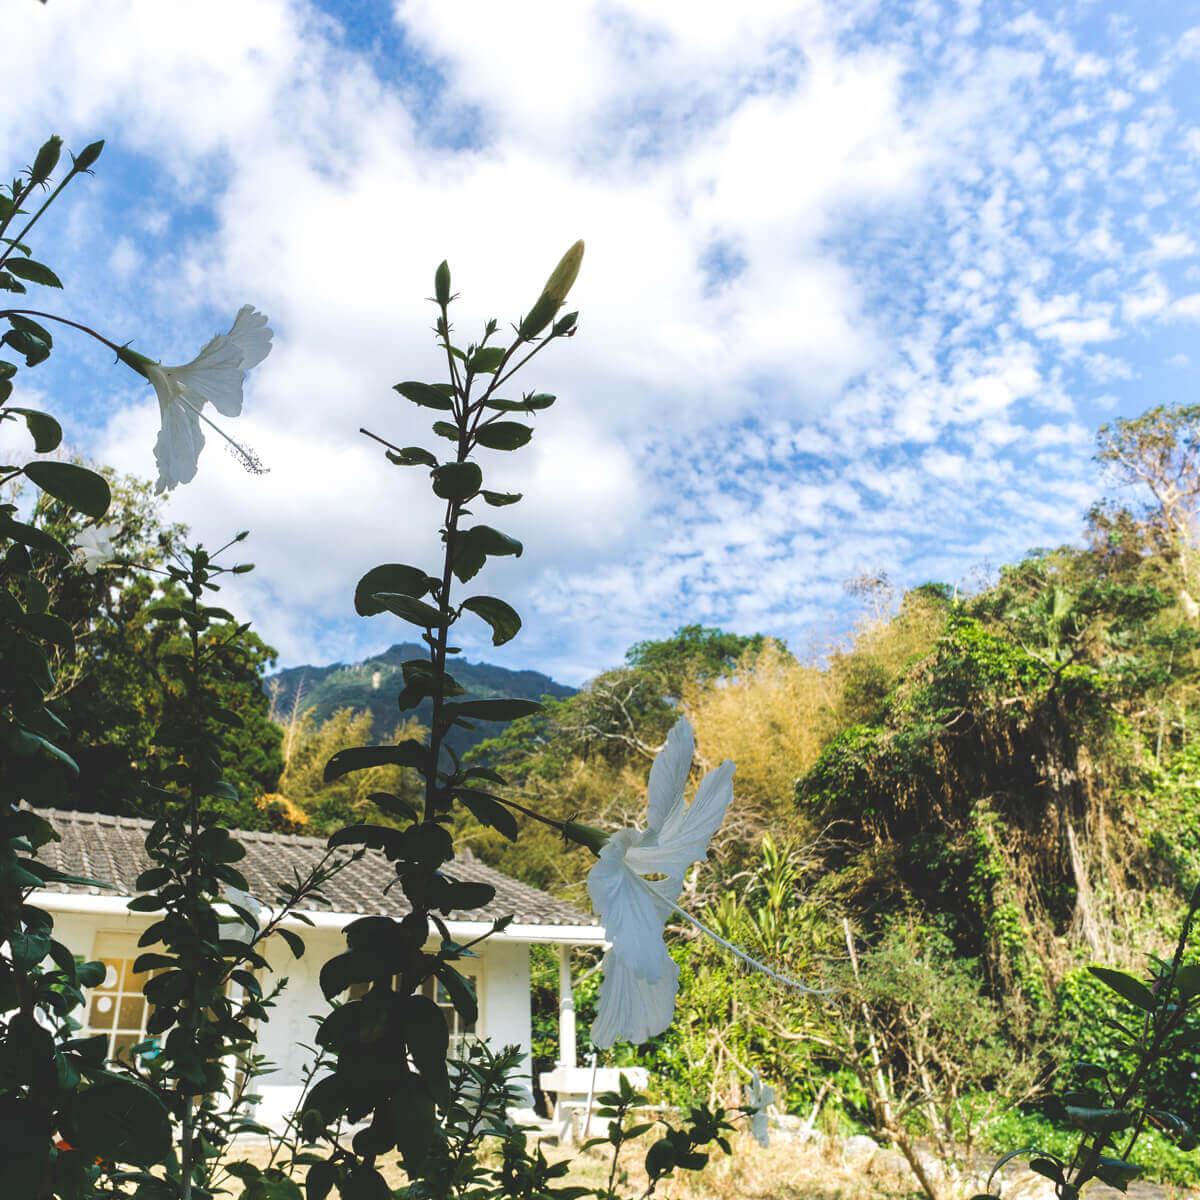 屋久島しずくギャラリー外観 屋久島の白いハイビスカス 青空 オーダーメイドジュエリーの販売